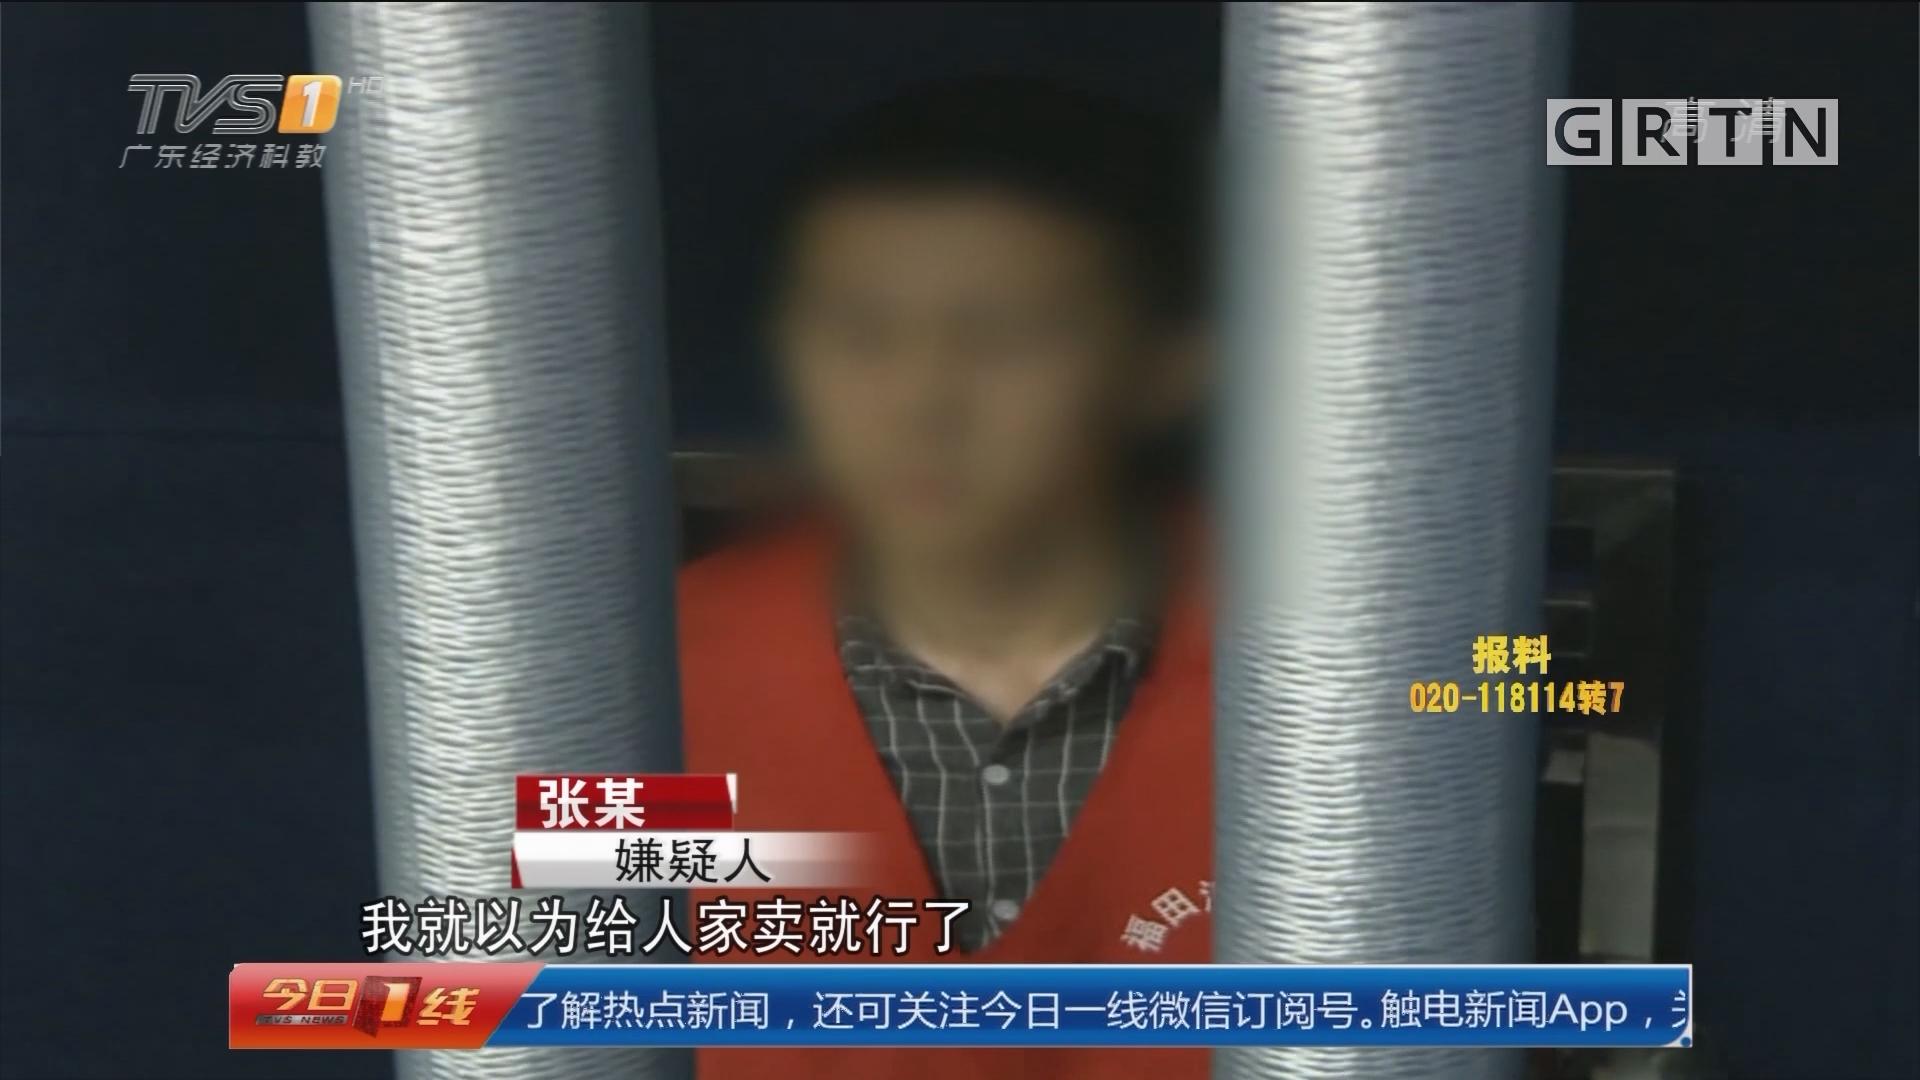 深圳福田:豪车被上锁 强买强卖两人落网